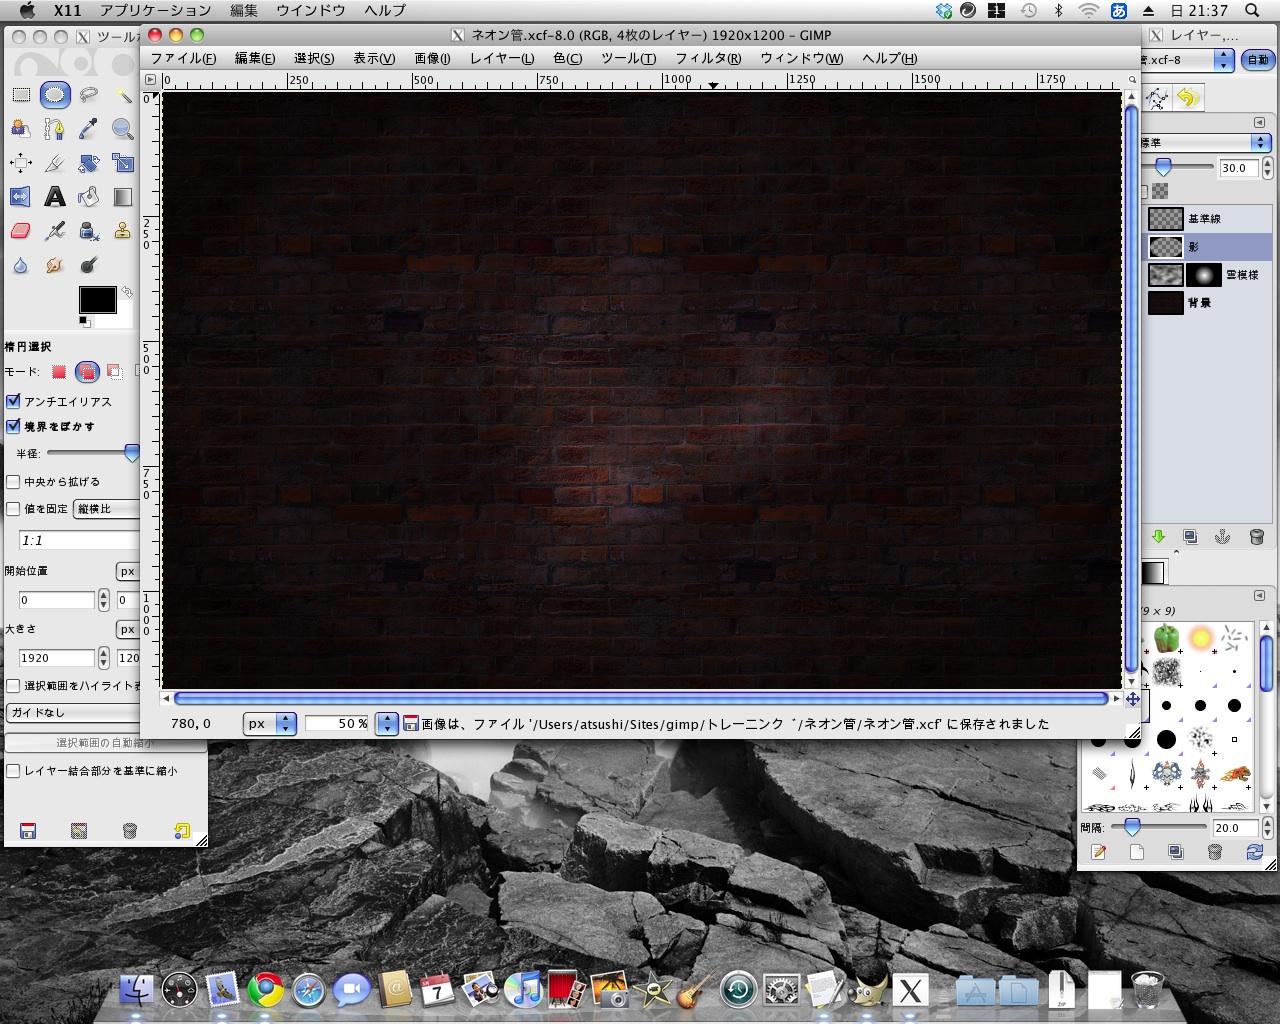 20100307_AKC-neon-logo_03.jpg